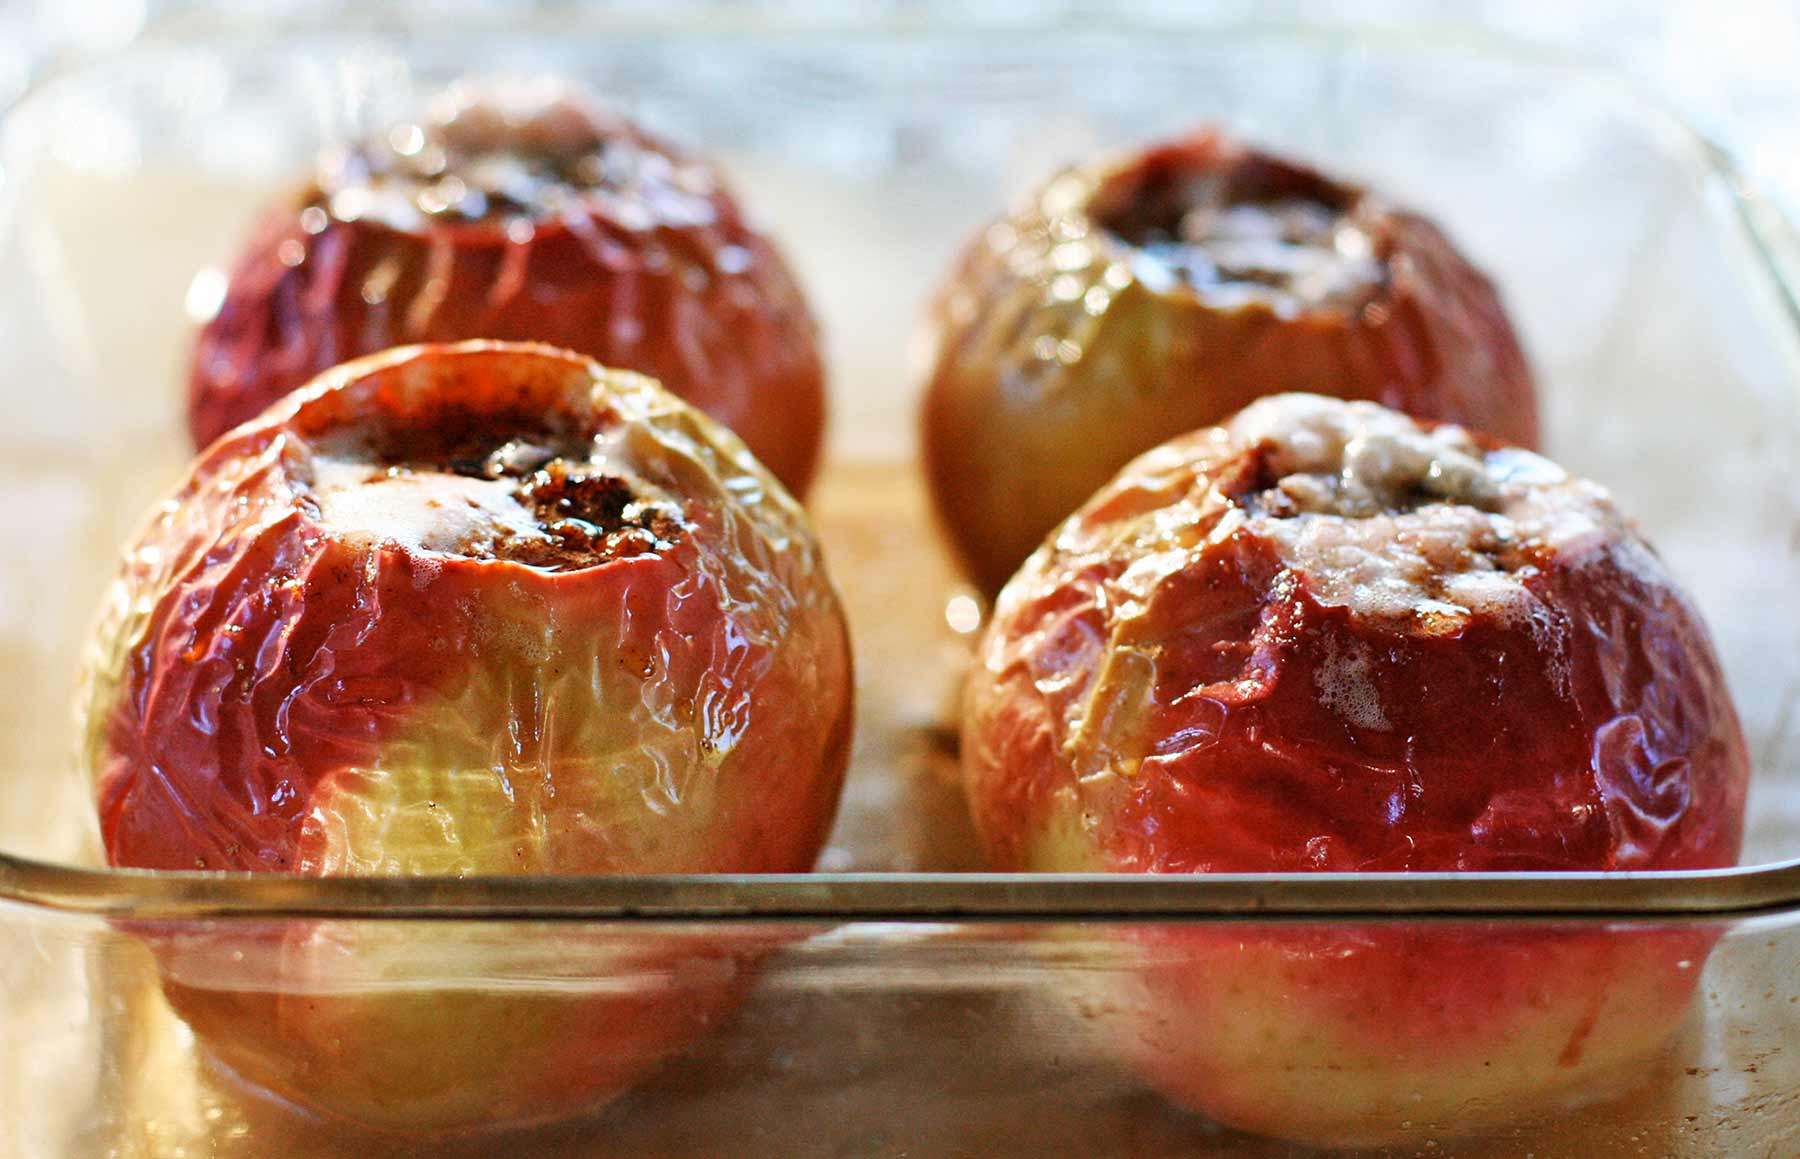 baked-apples-horiz-a-1800.jpg